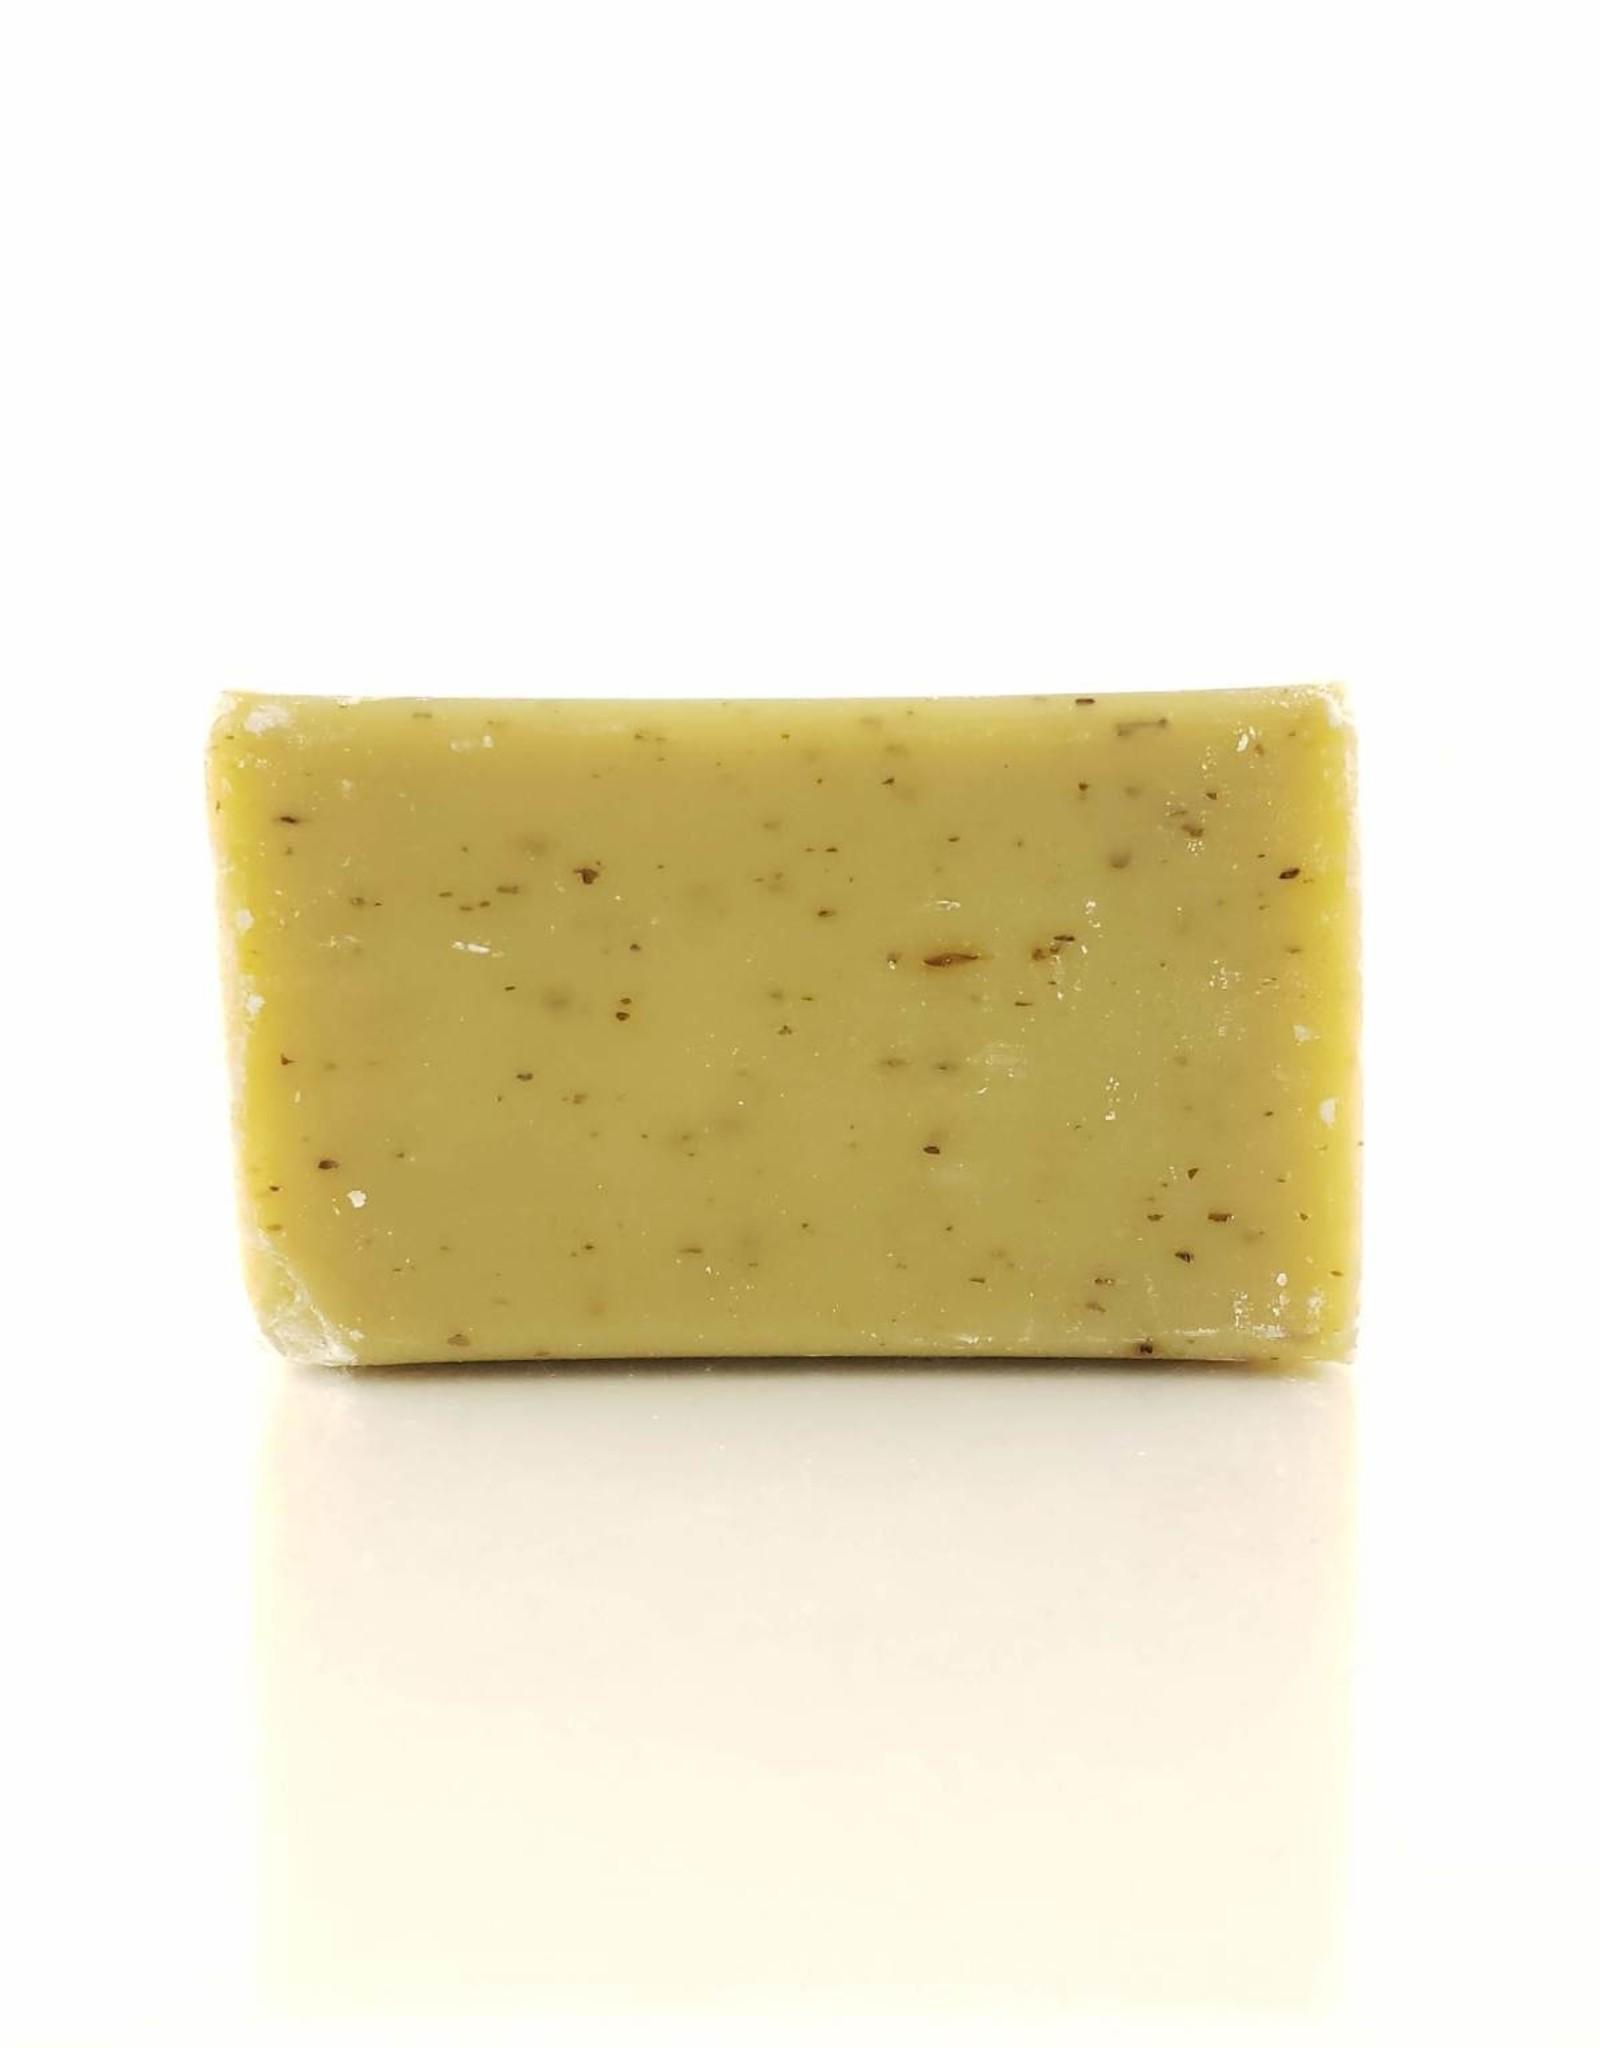 Verbena 100g Soap (E)